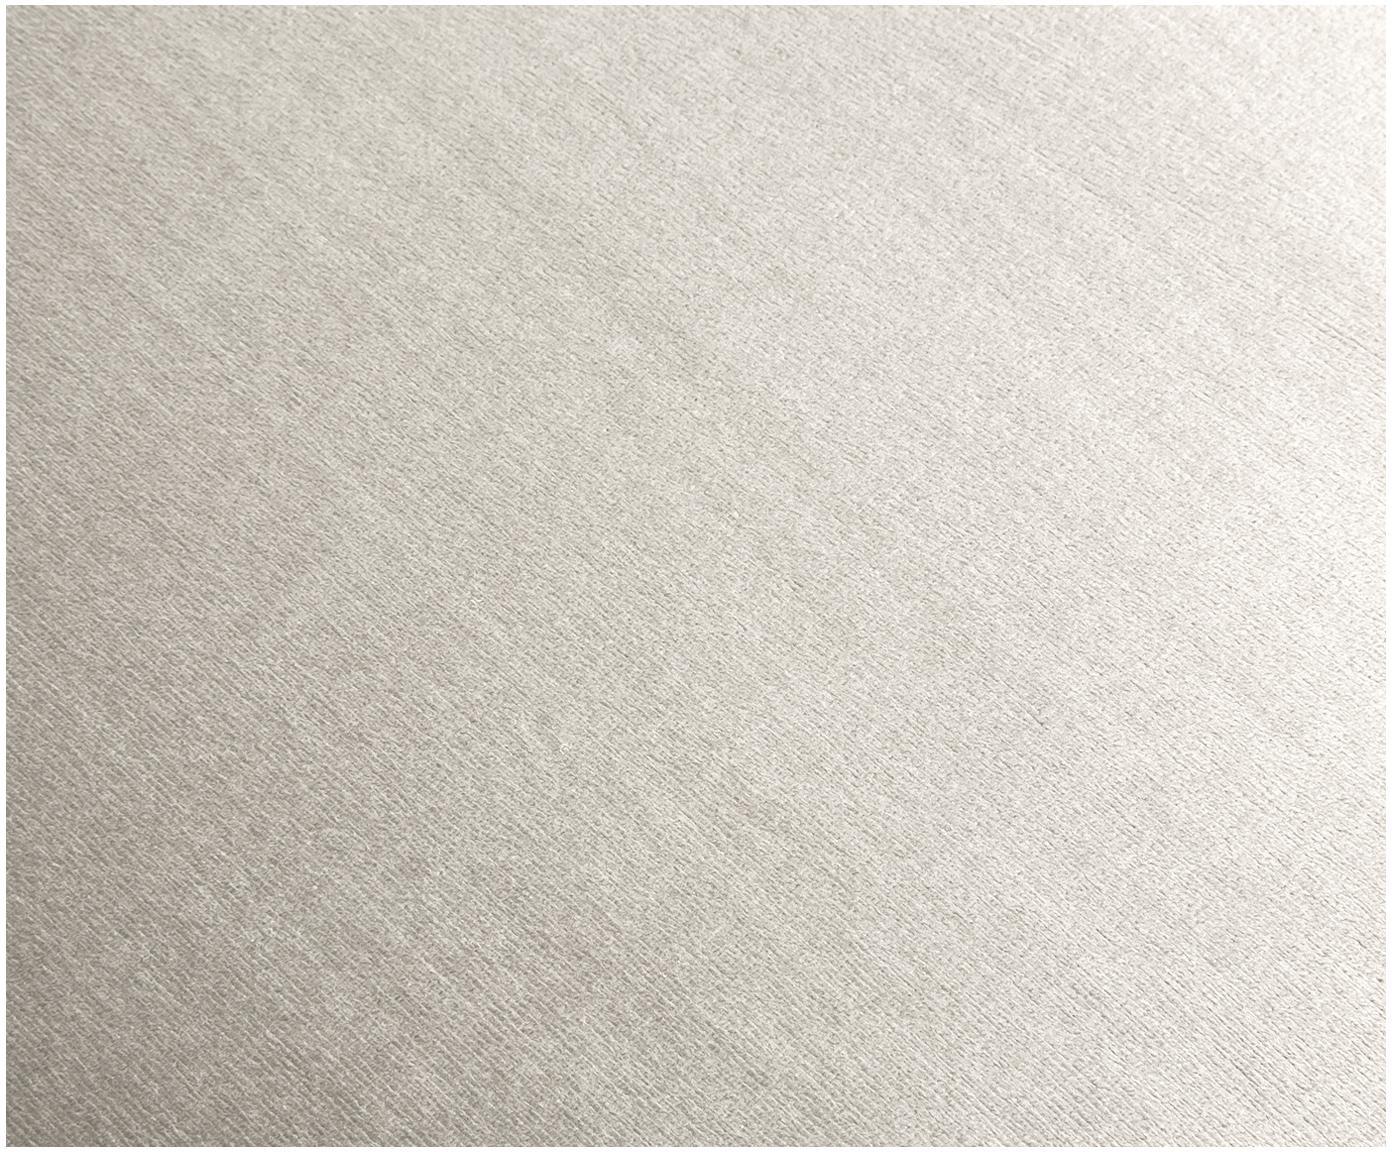 Fluwelen armleunstoel Rachel, Bekleding: fluweel (polyester), Poten: gepoedercoat metaal, Fluweel beige, B 47 x D 64 cm